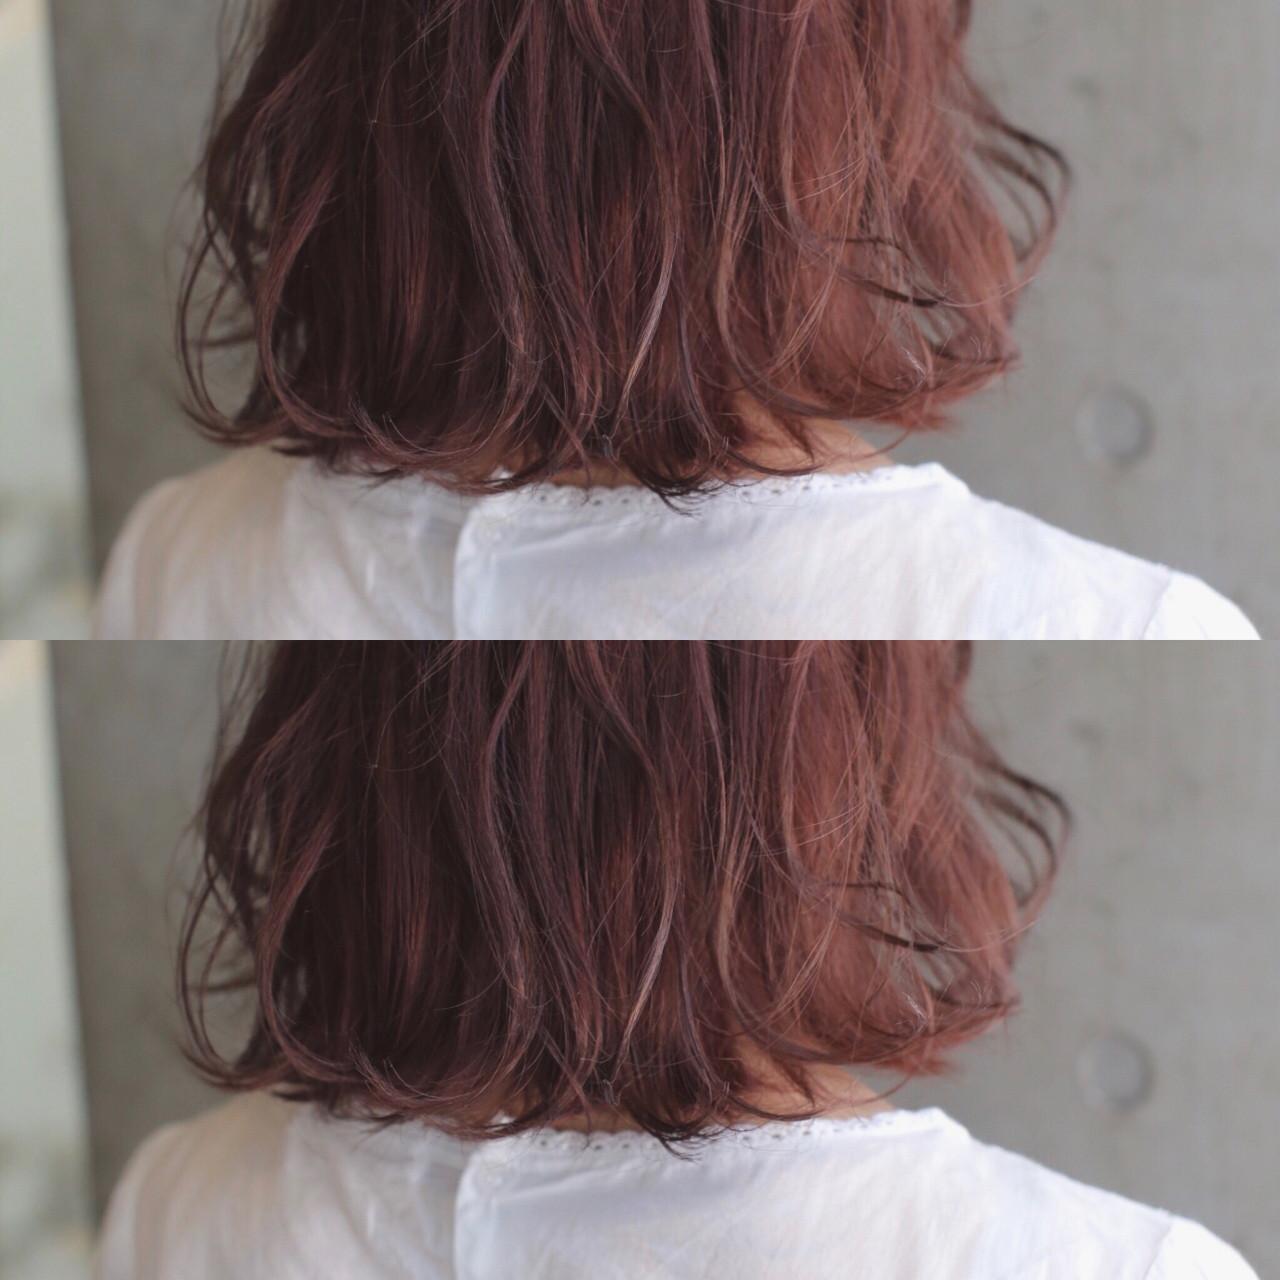 オレンジ ボブ アプリコットオレンジ オレンジベージュ ヘアスタイルや髪型の写真・画像